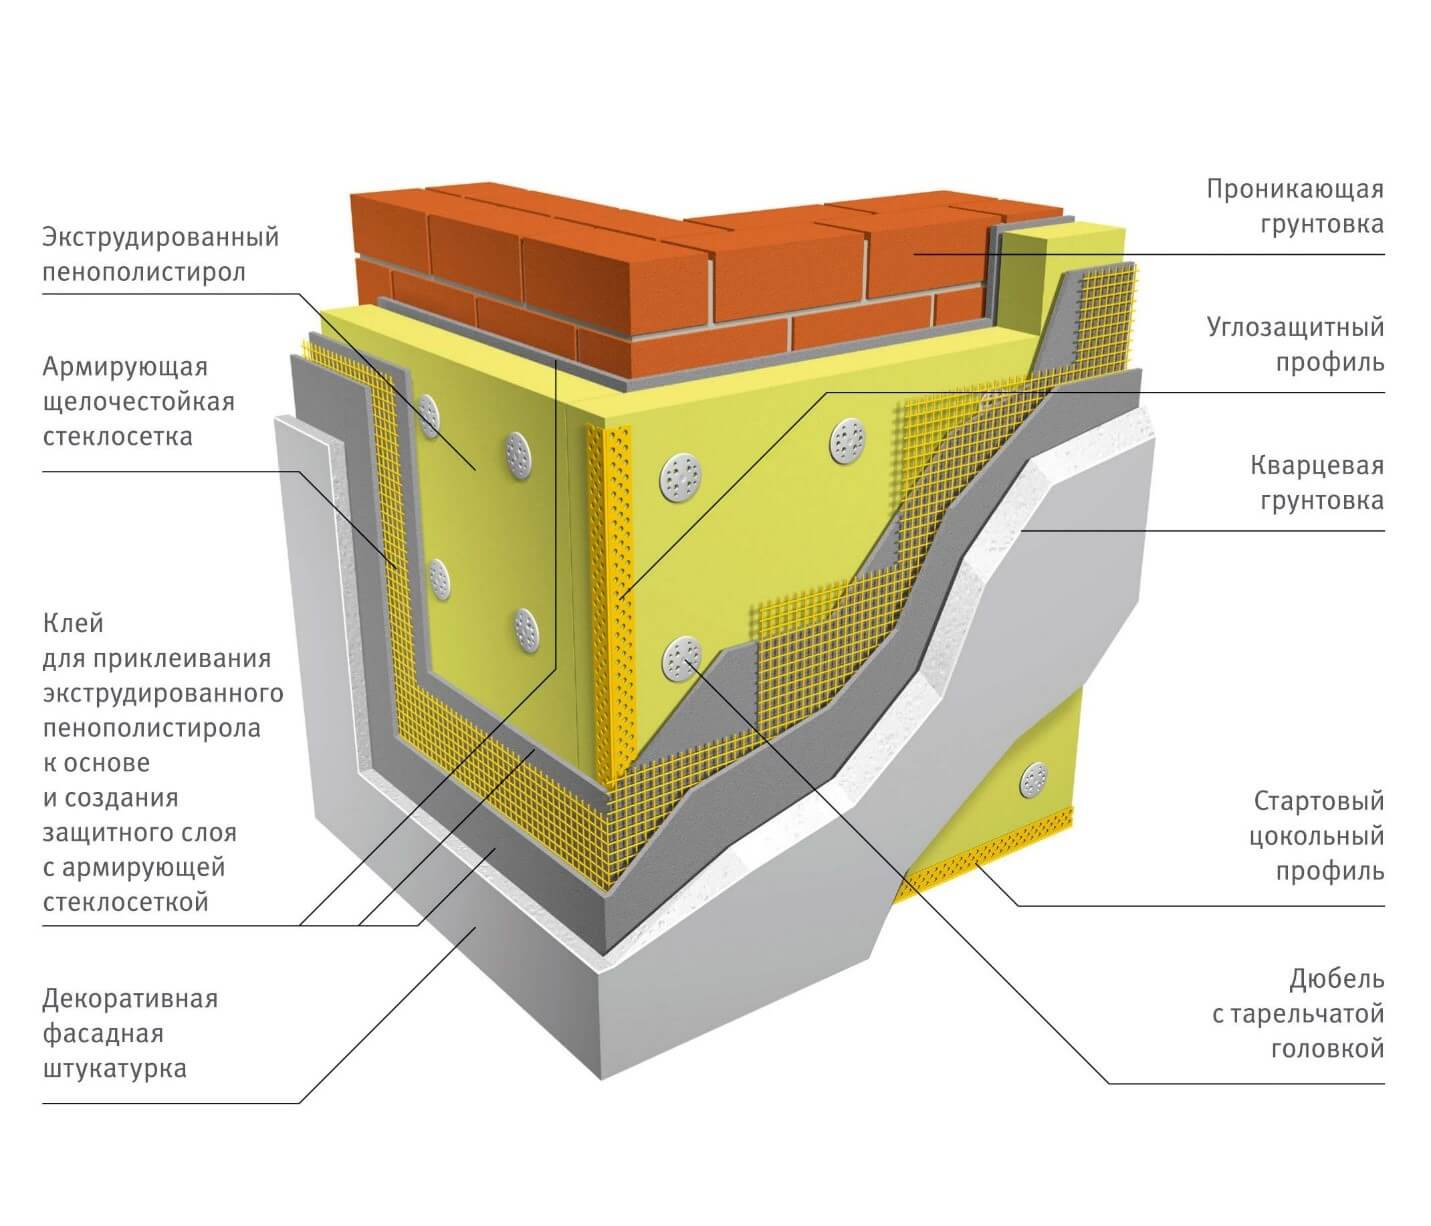 Как утепляют кирпичную стену с помощью пеноплекса